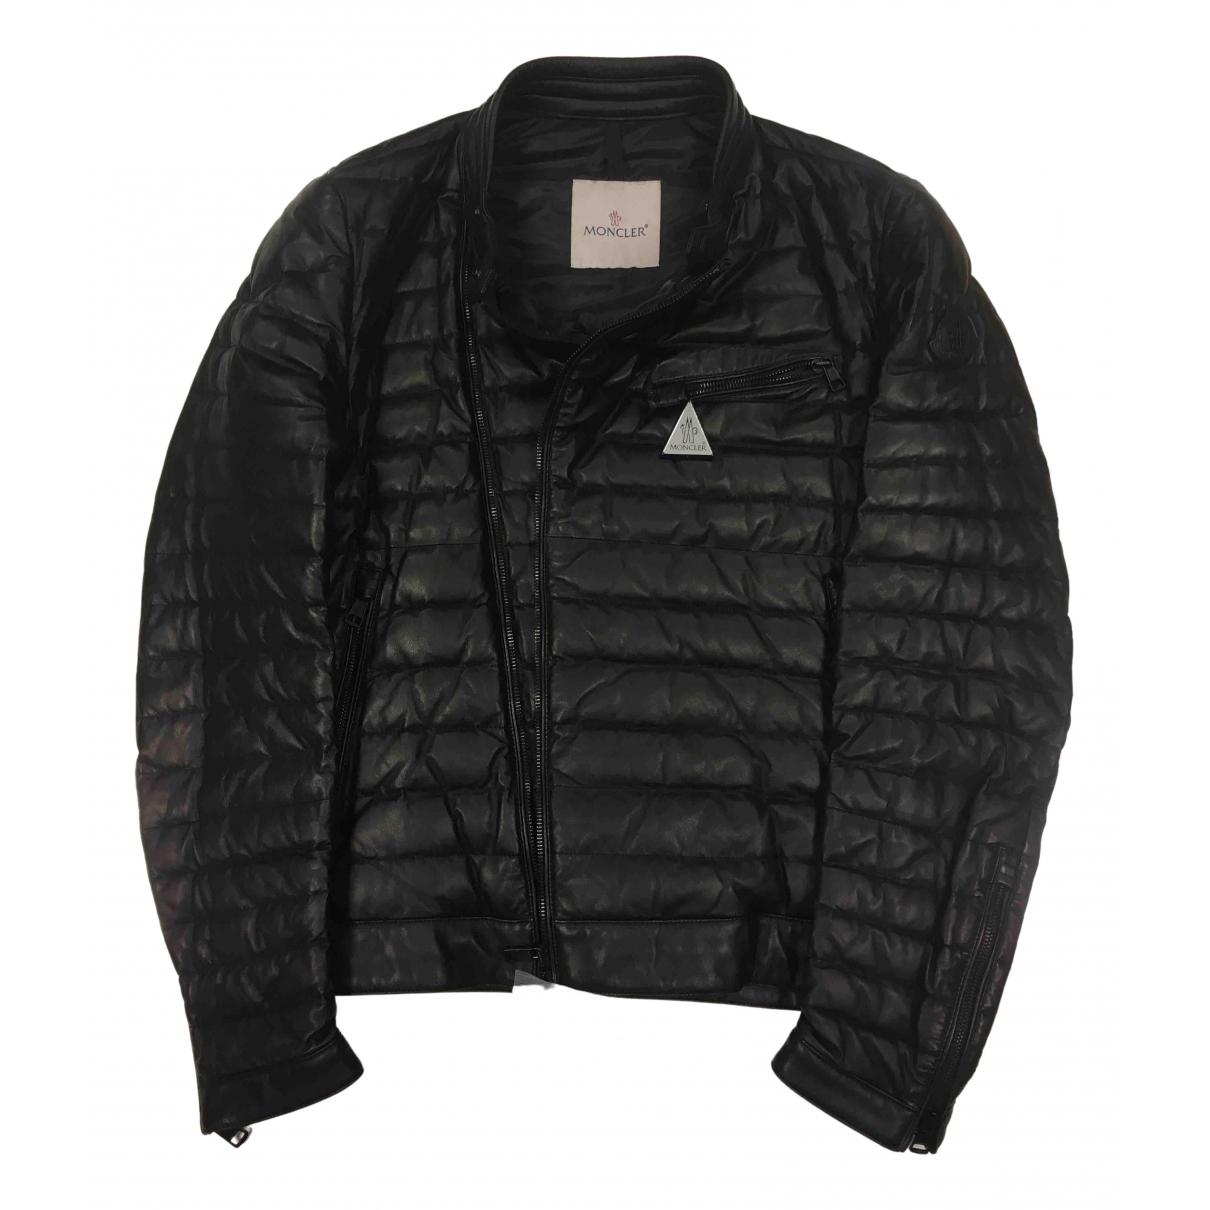 Moncler N Black Leather Jacket for Men